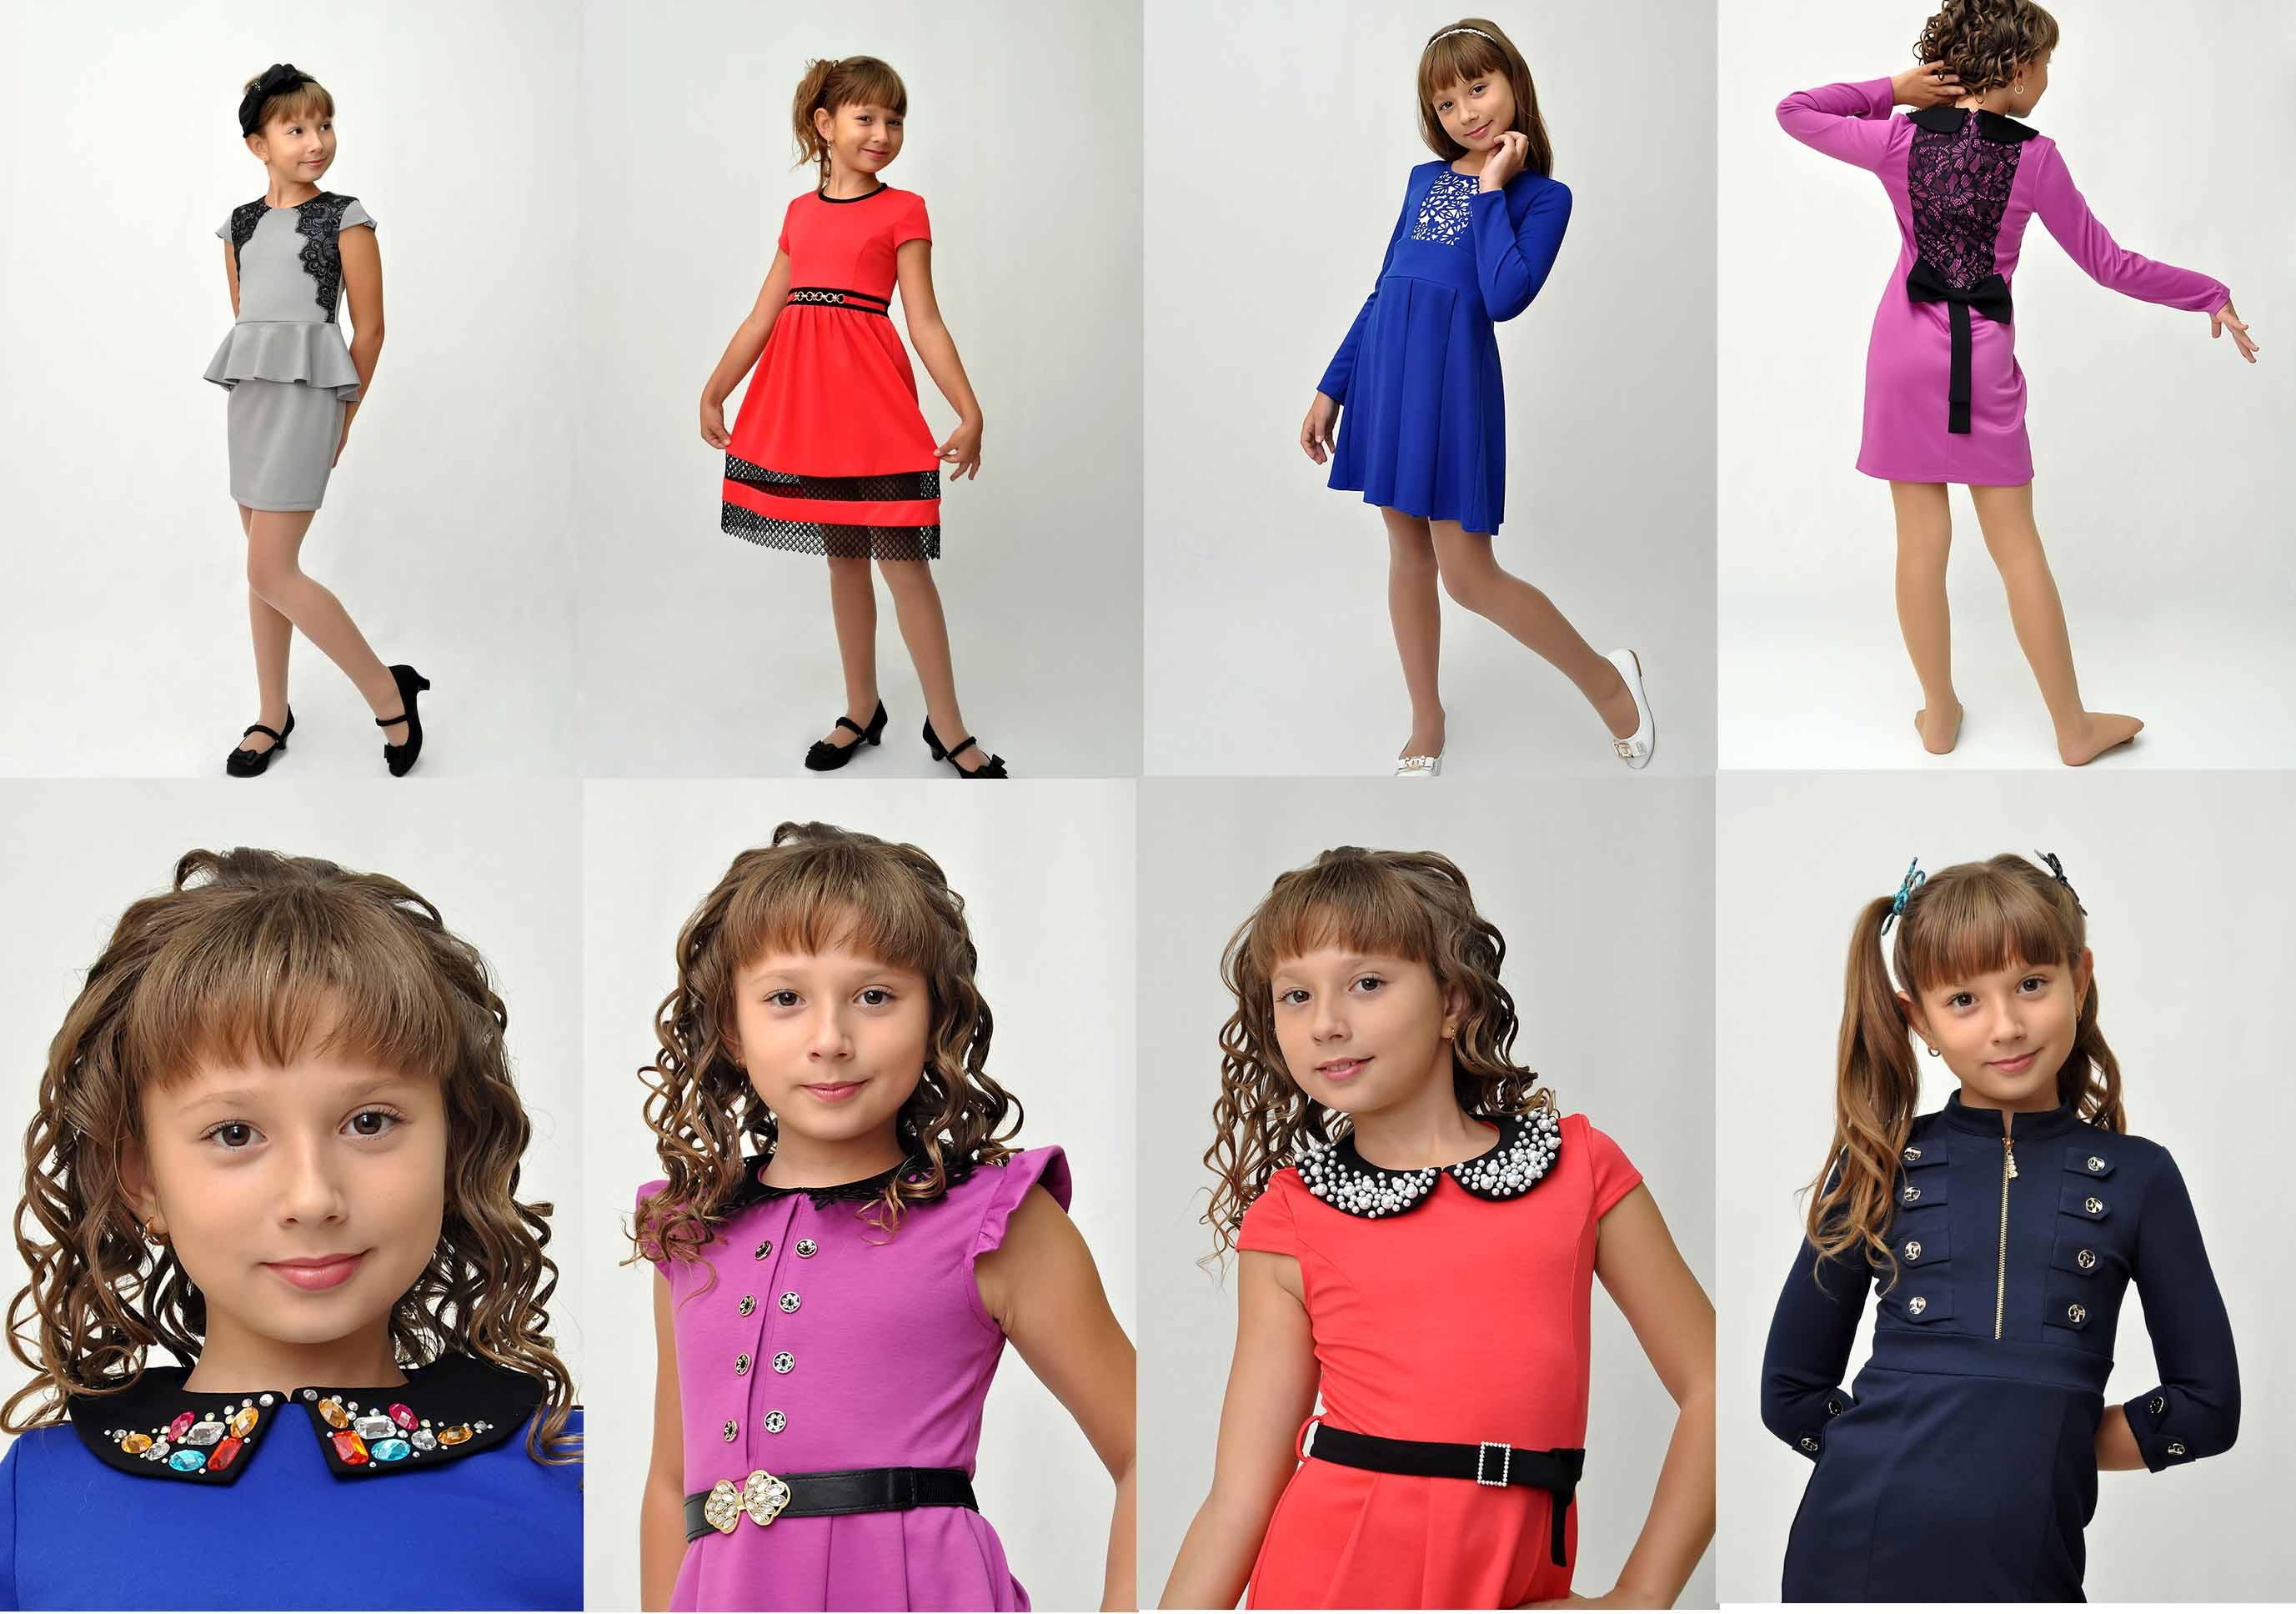 НОВИНКИ! Необыкновенная коллекция платьев